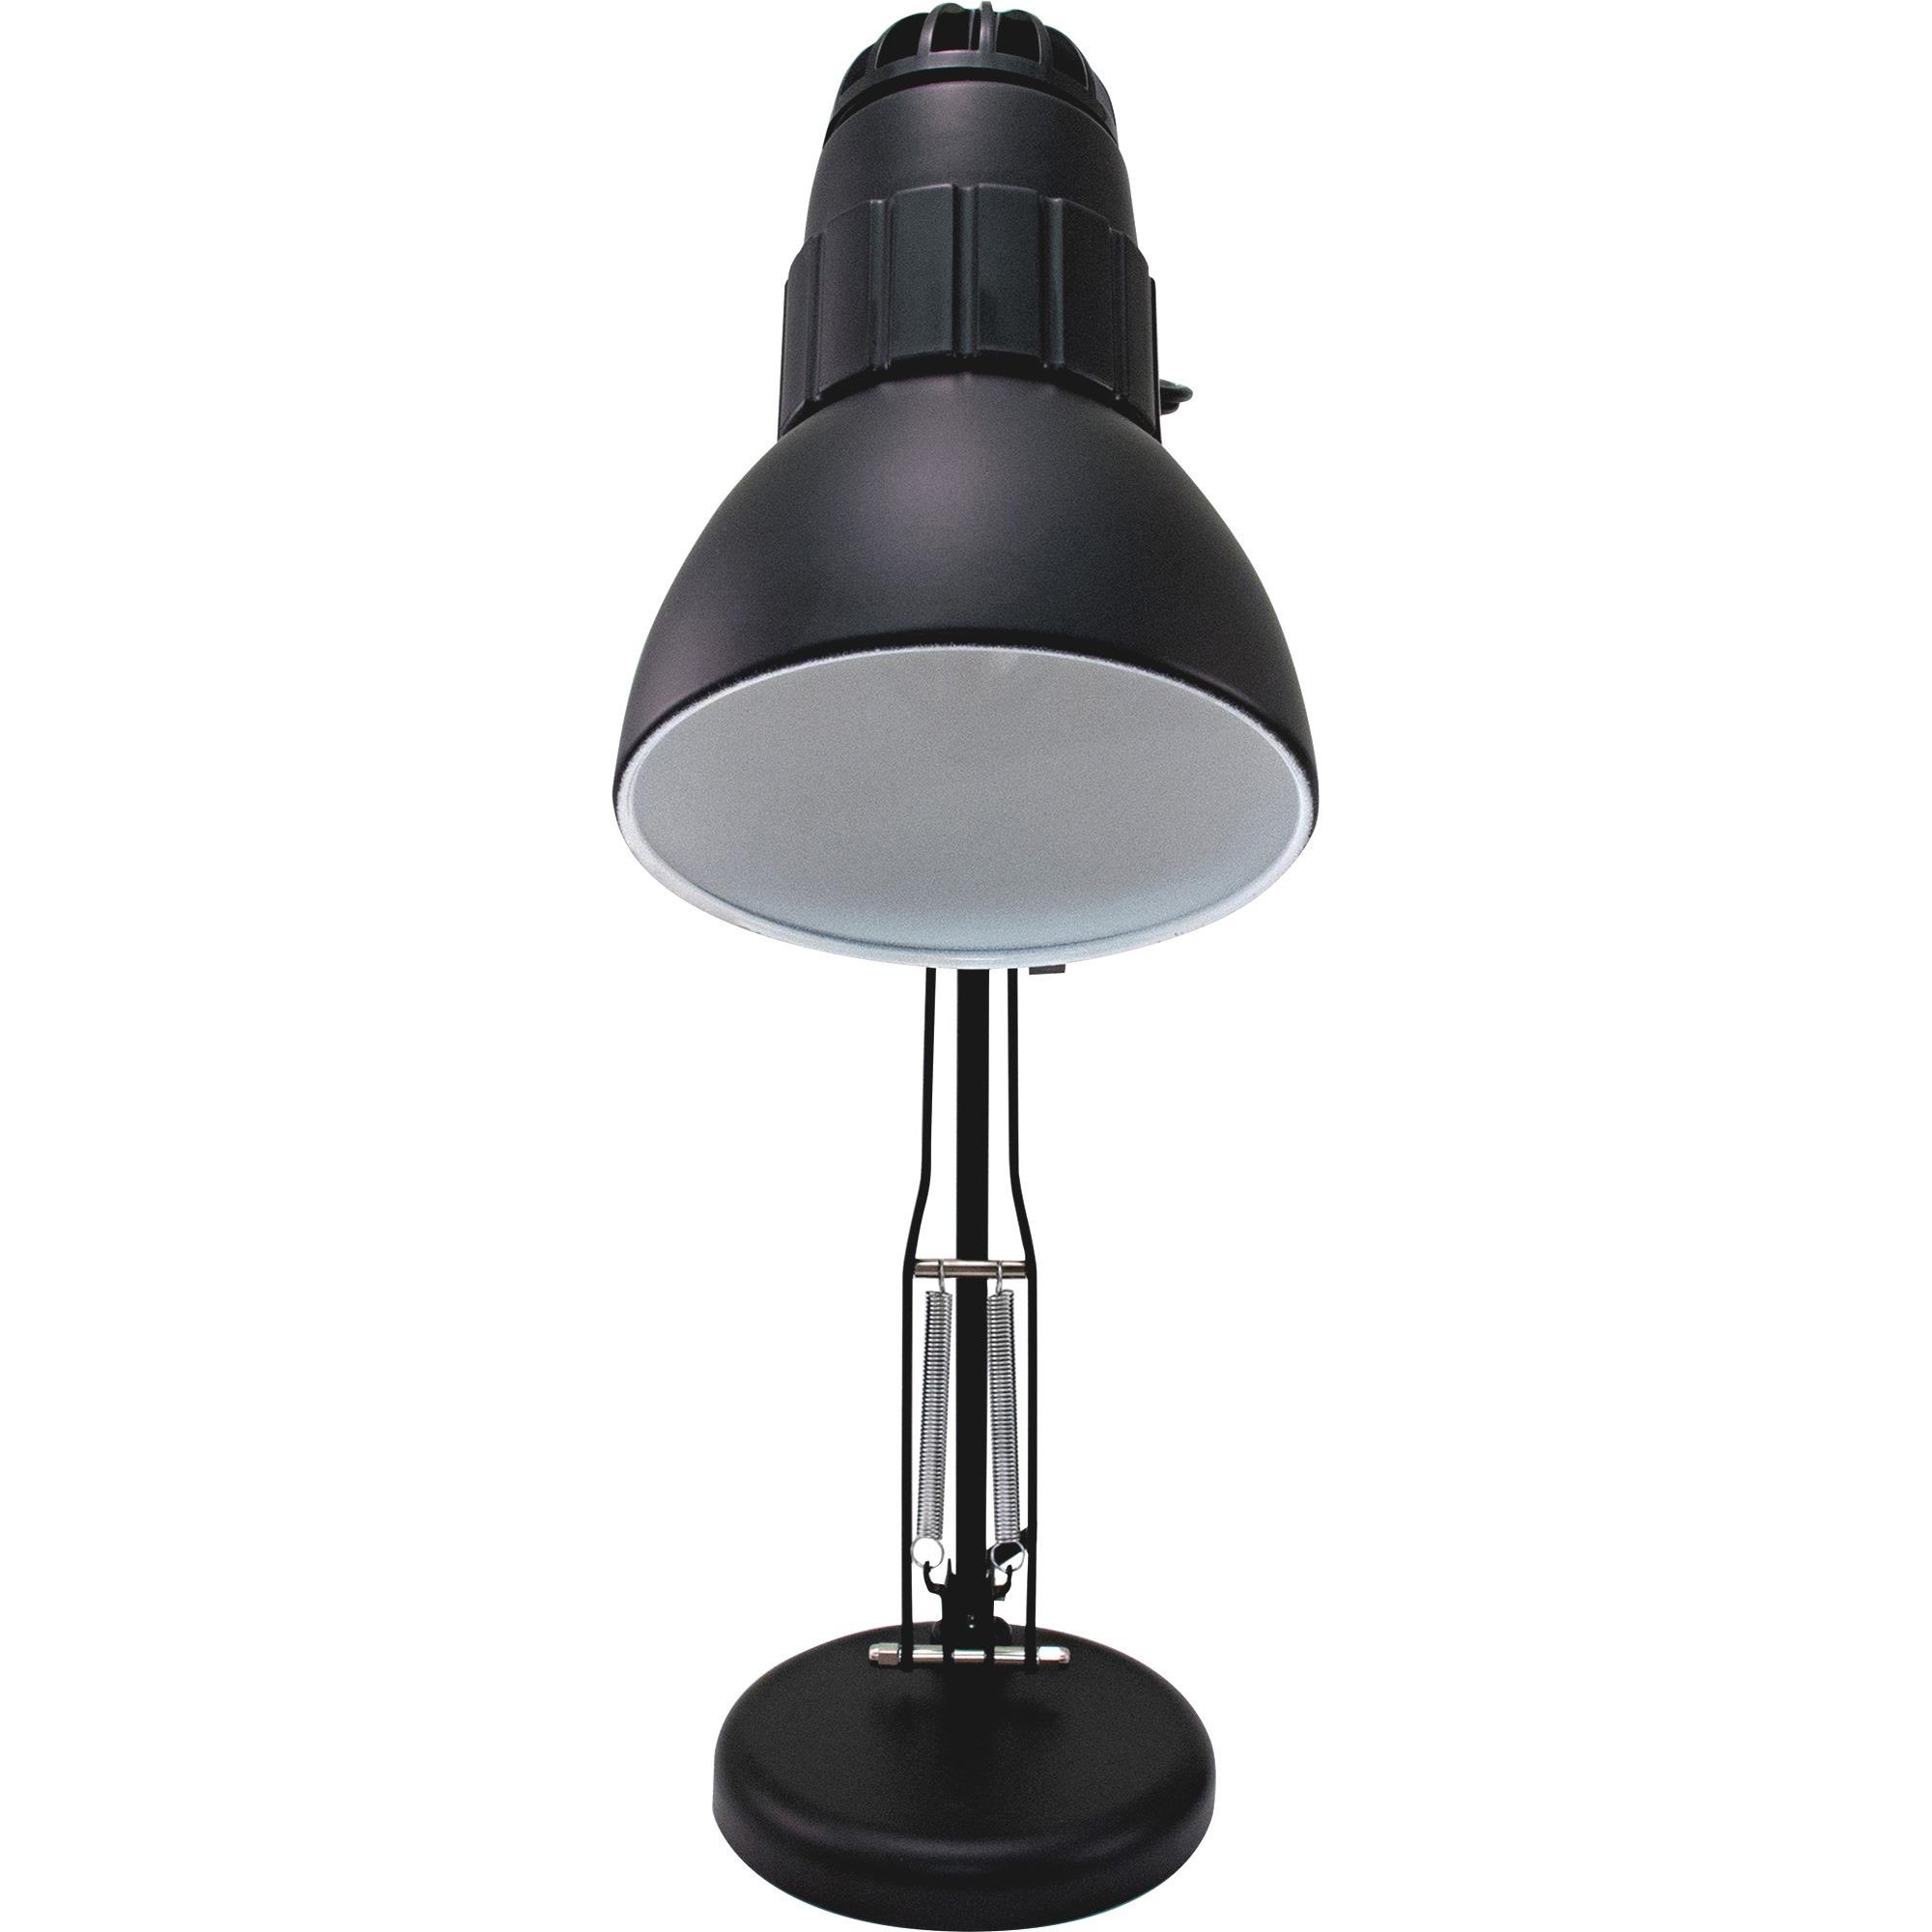 Ledu Adjustable Desk Lamps Ledl423mb